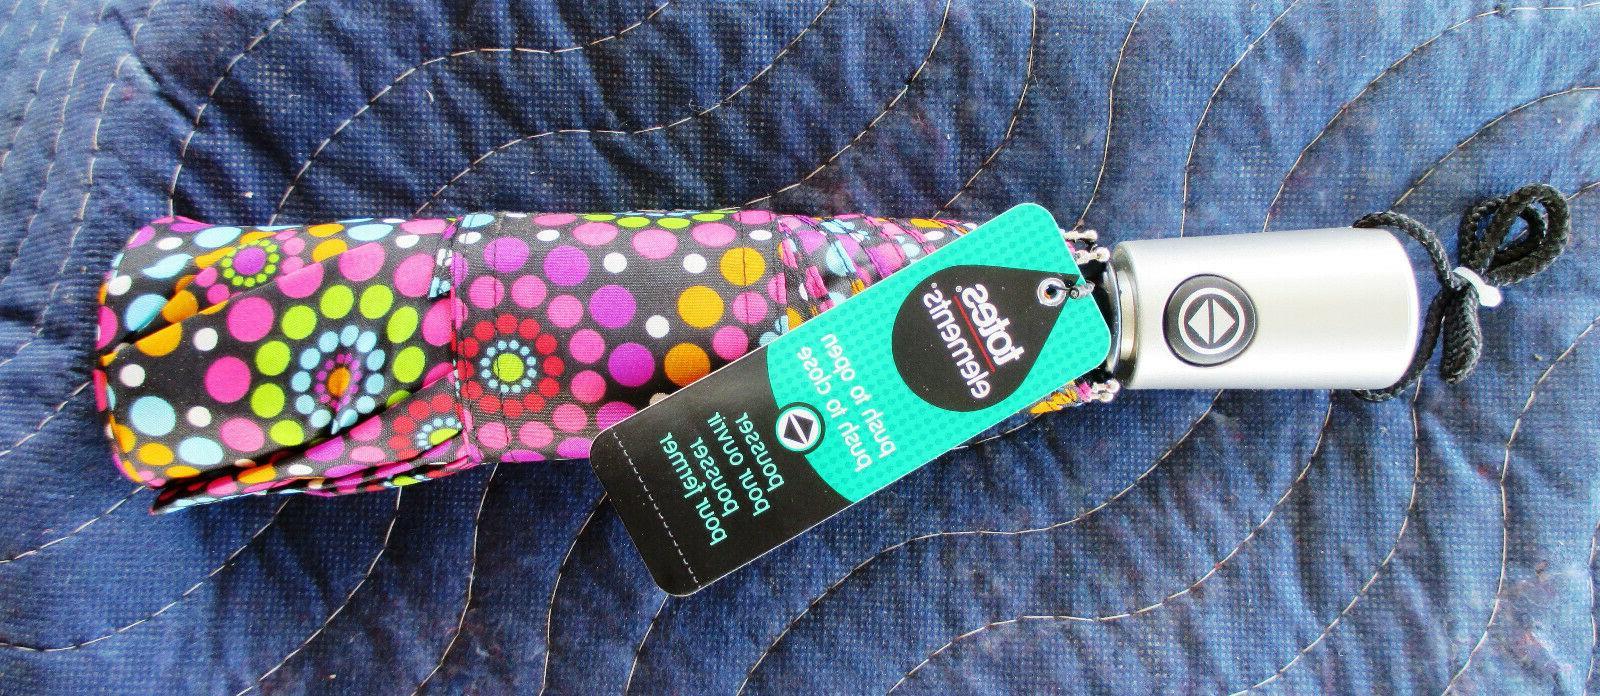 elements automatic open close umbrella